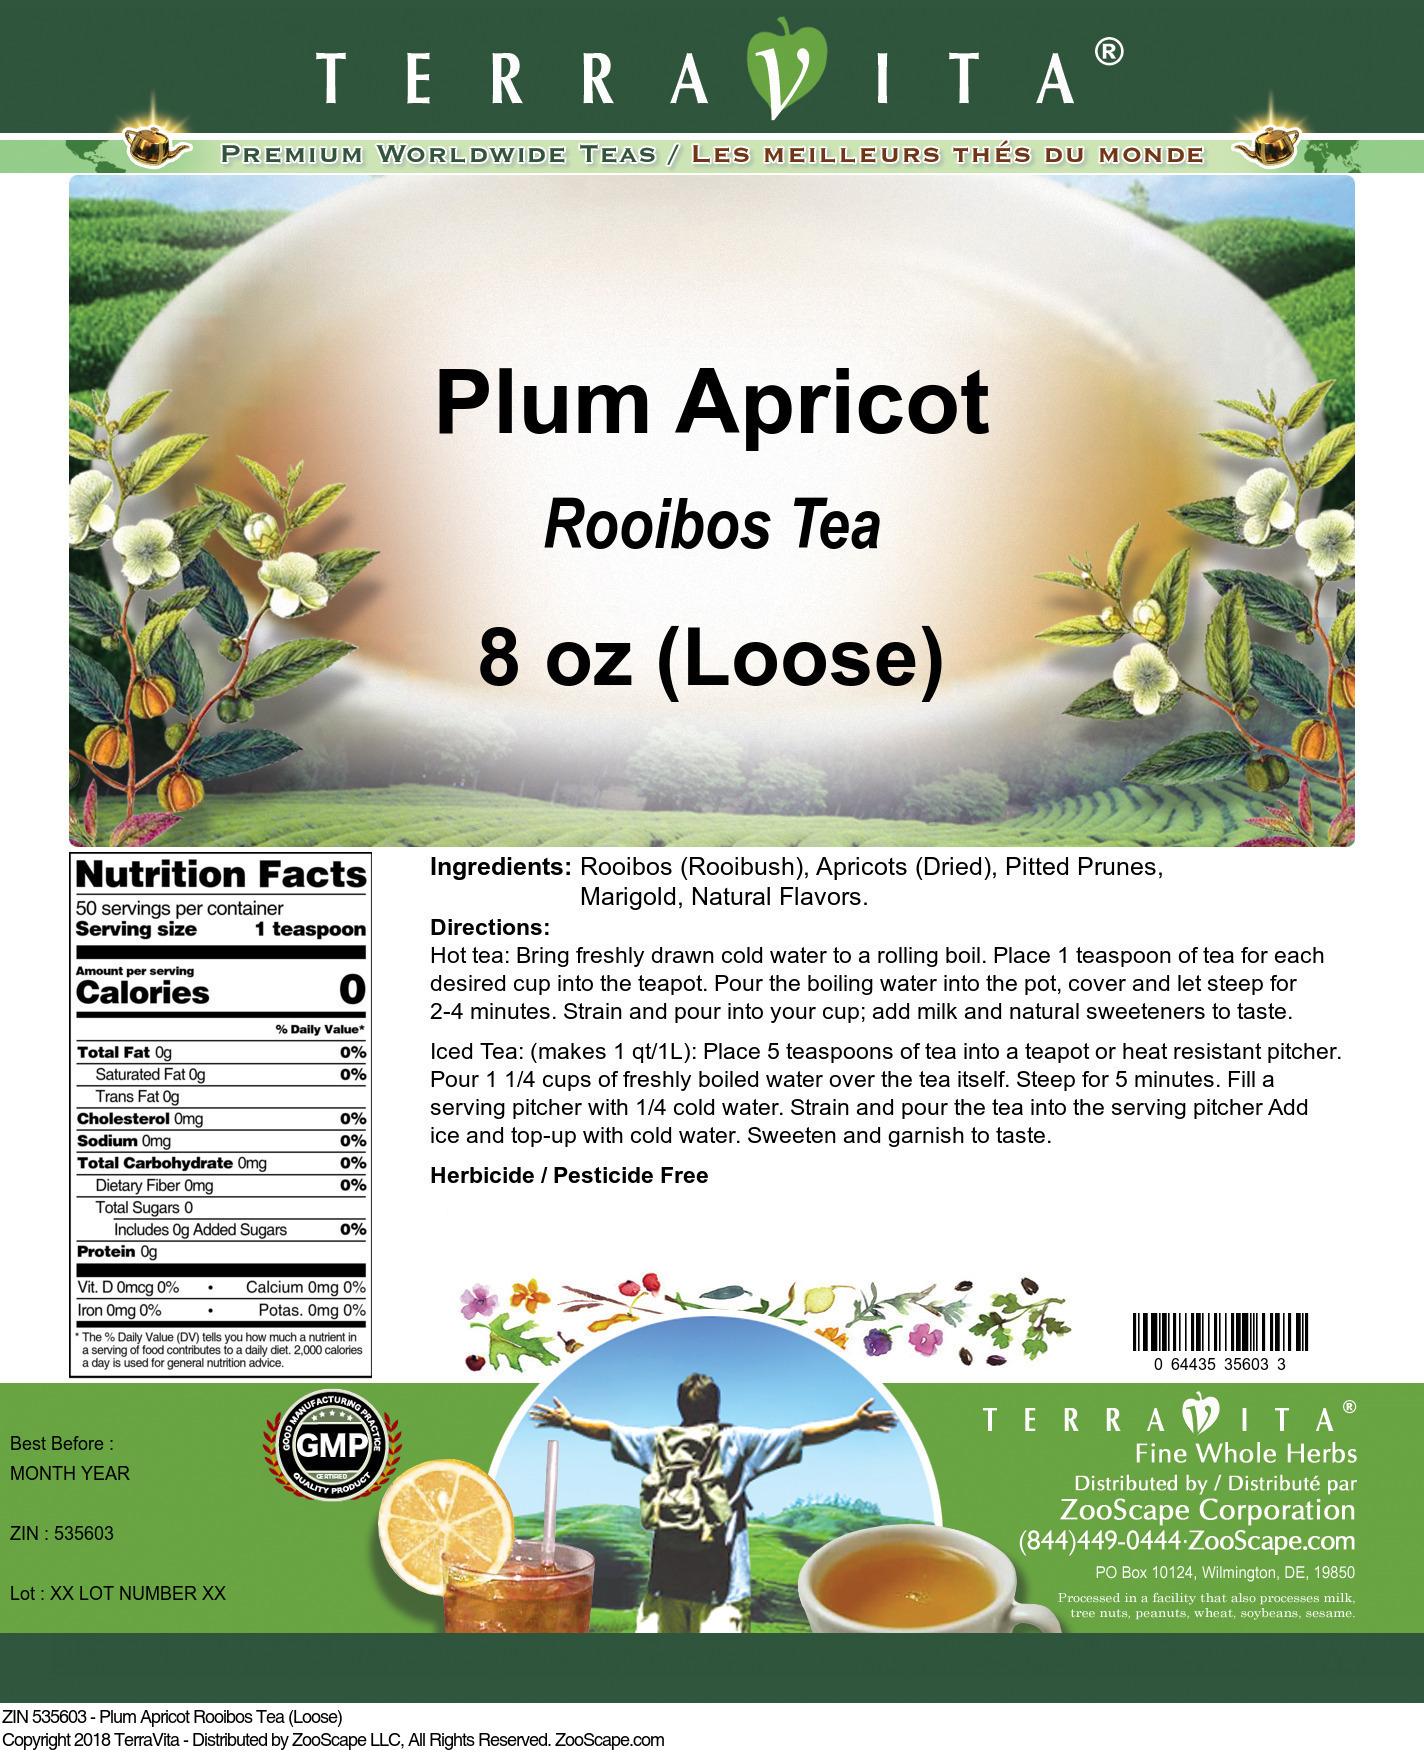 Plum Apricot Rooibos Tea (Loose)